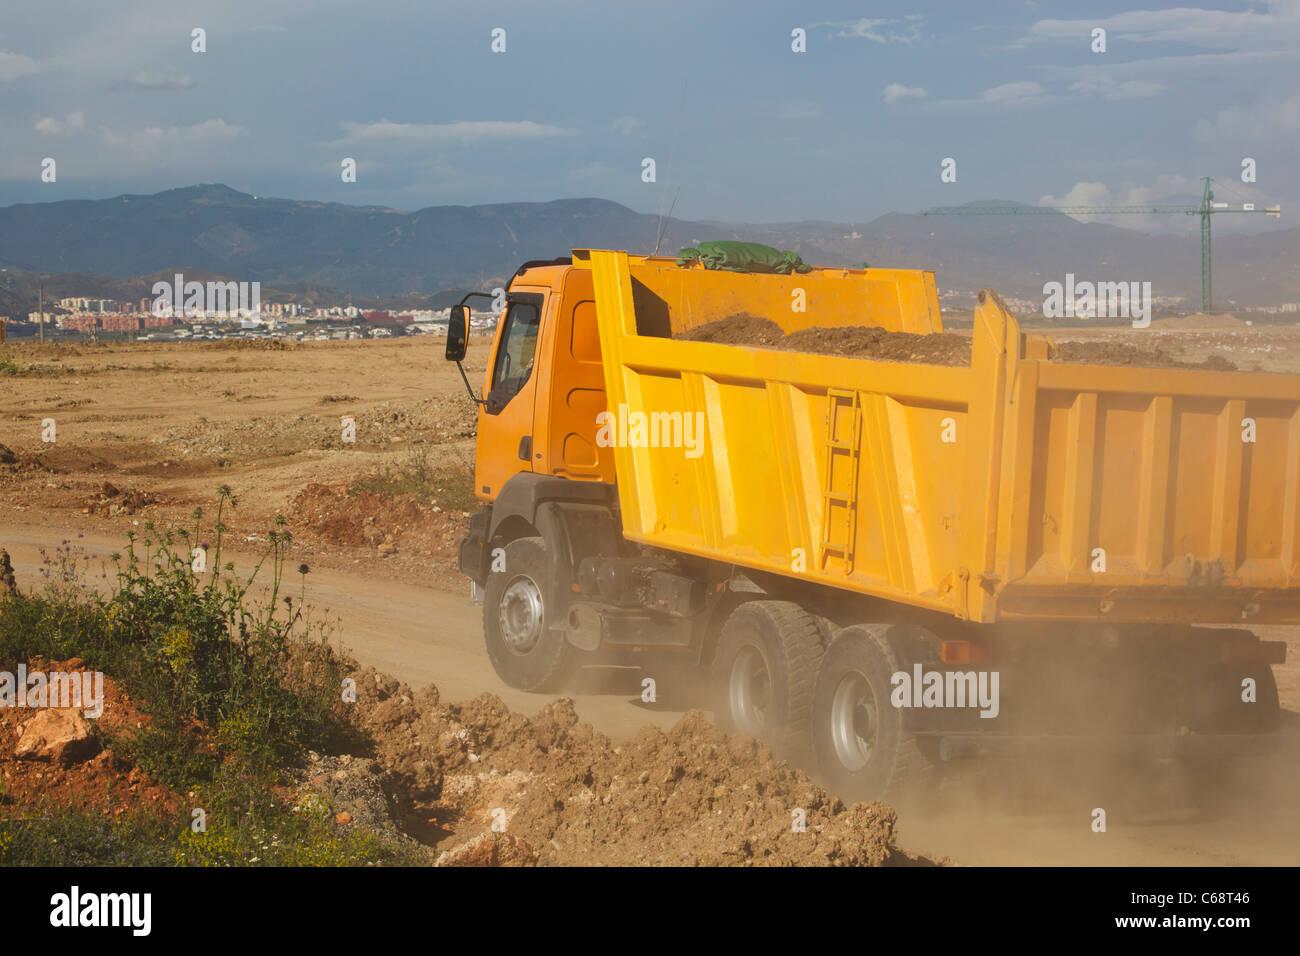 Camion carichi di terra la guida sul sito in costruzione. Immagini Stock